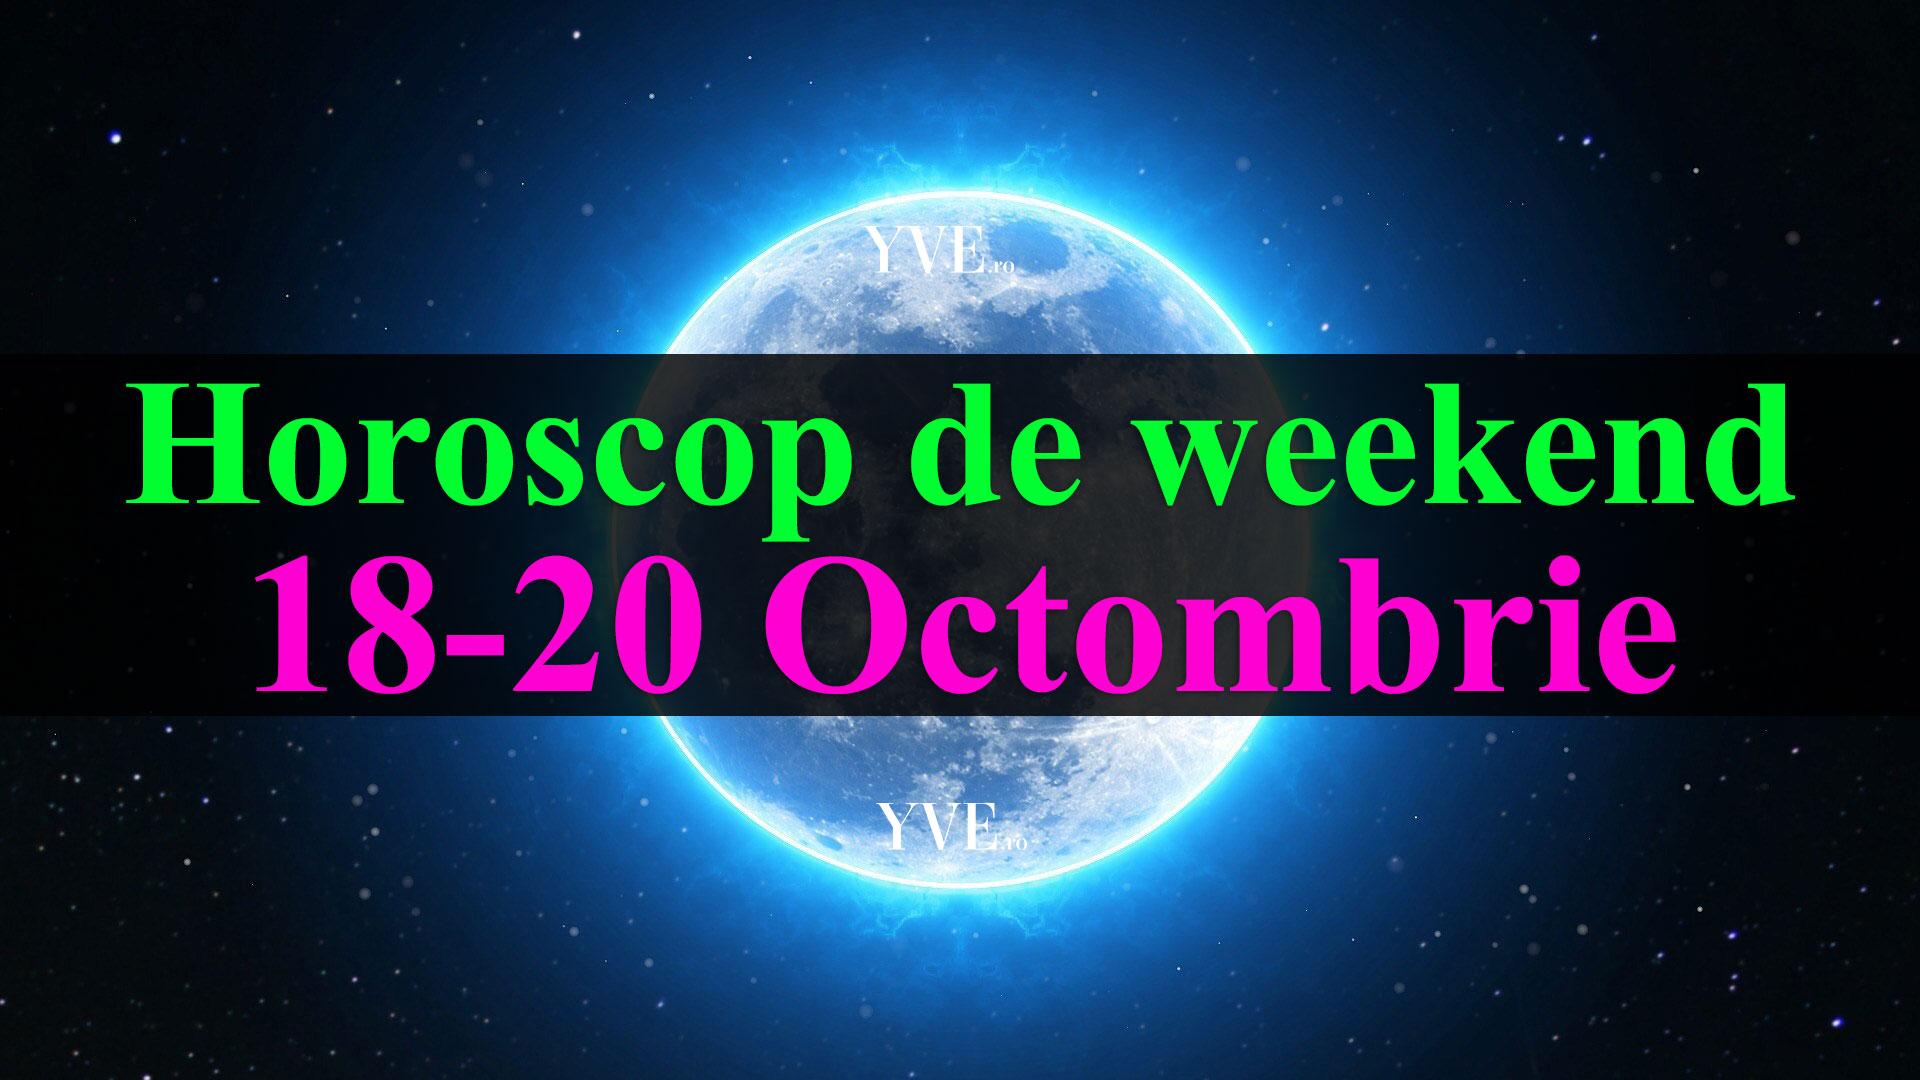 Horoscop de weekend 18-20 Octombrie 2019